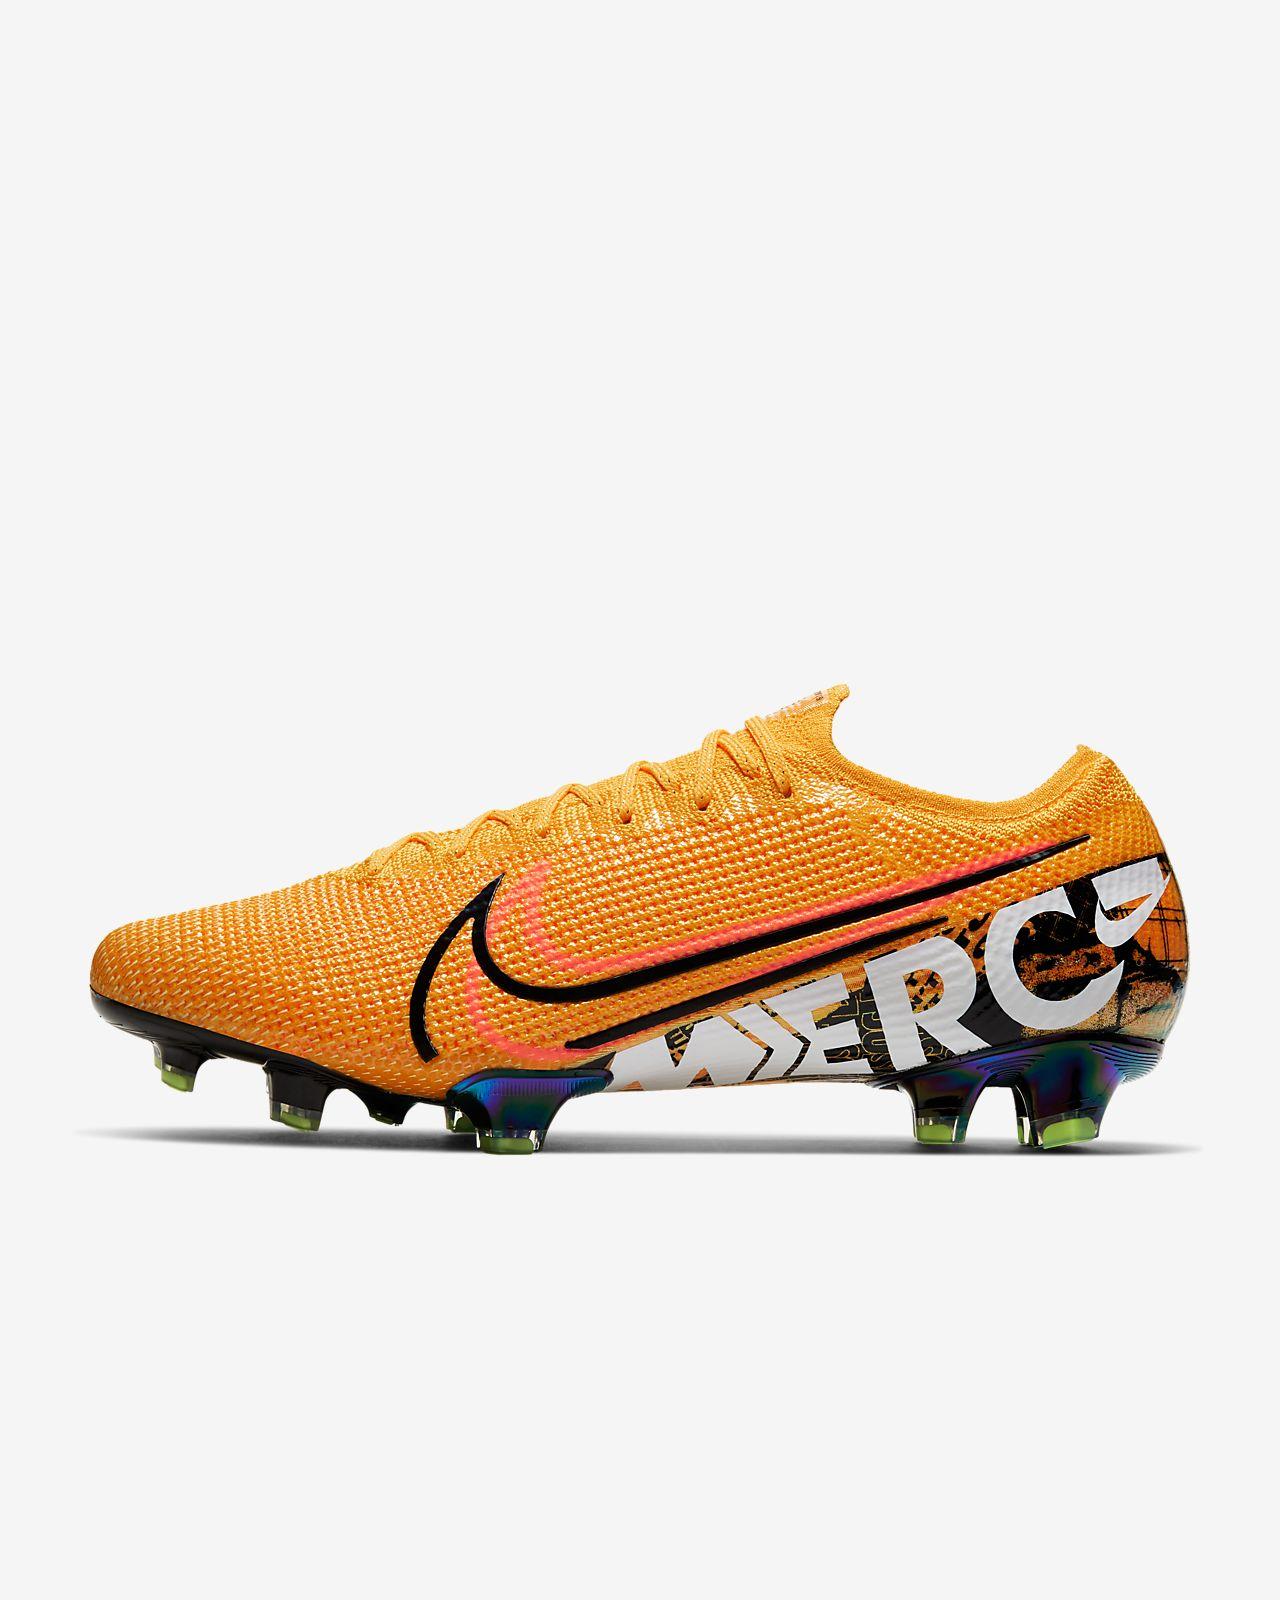 รองเท้าสตั๊ดฟุตบอลสำหรับพื้นสนามทั่วไป Nike Mercurial Vapor 13 Elite SE FG